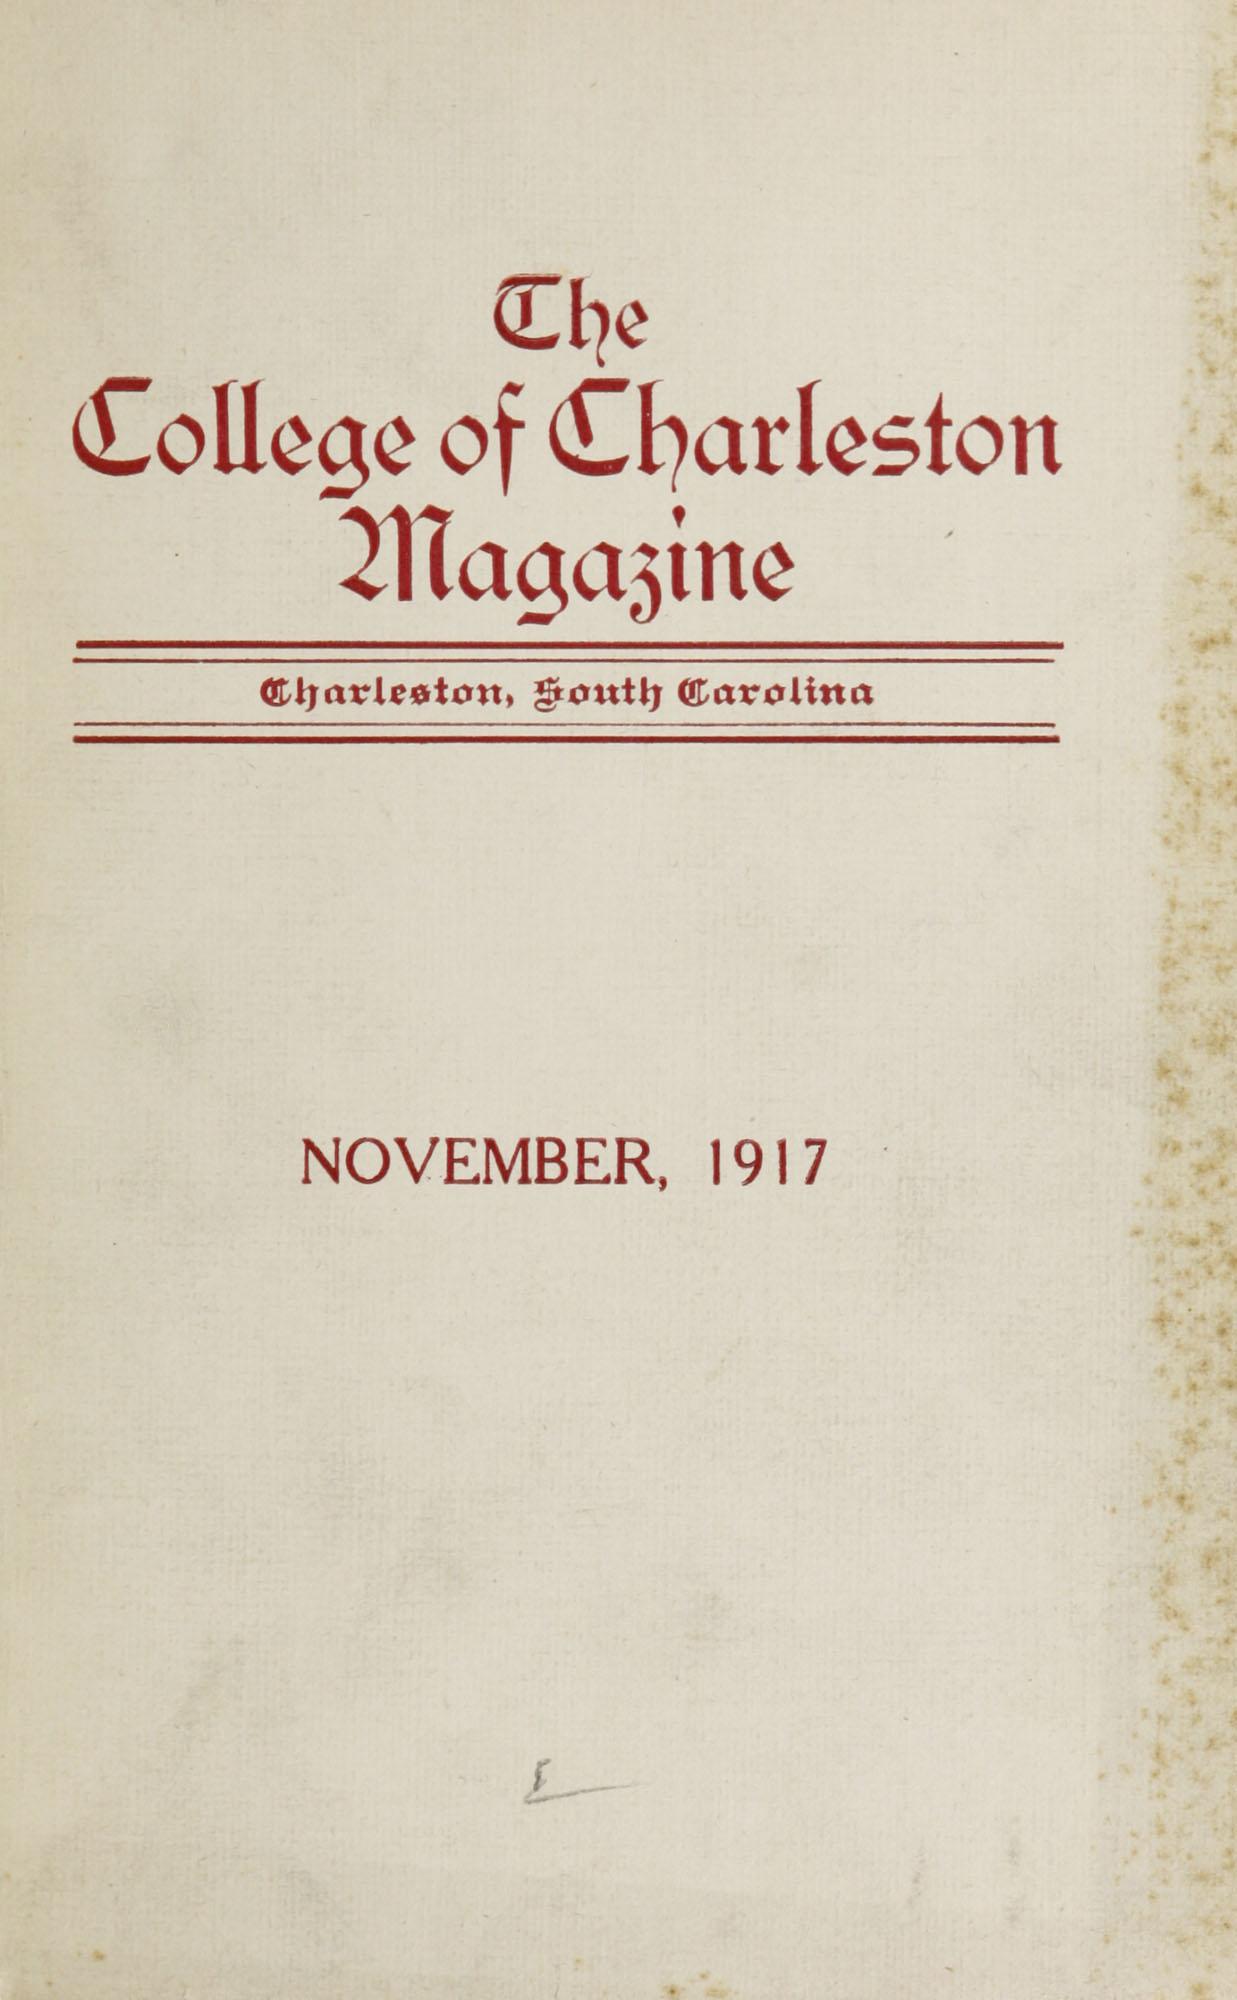 College of Charleston Magazine, 1917-1918